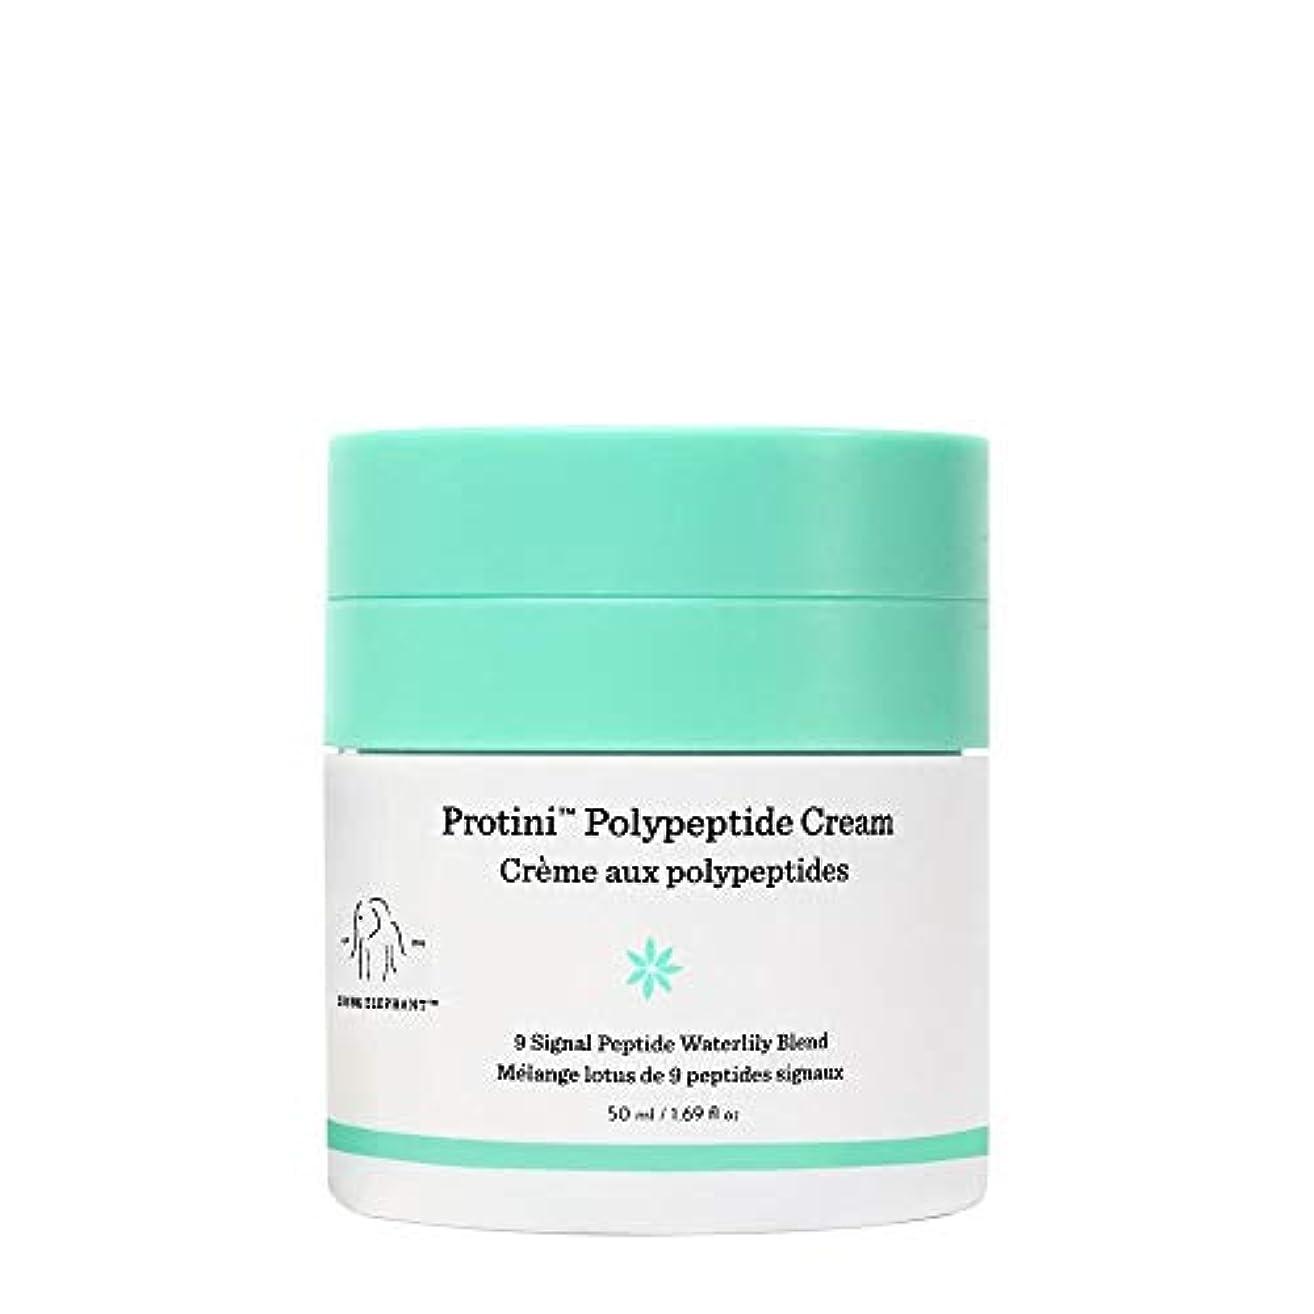 乳白不機嫌そうな割れ目DRUNK ELEPHANT Protini Polypeptide Cream 1.69 oz/ 50 ml ドランクエレファント プロティーニ ポリペプタイド クリーム 1.69 oz/ 50 ml